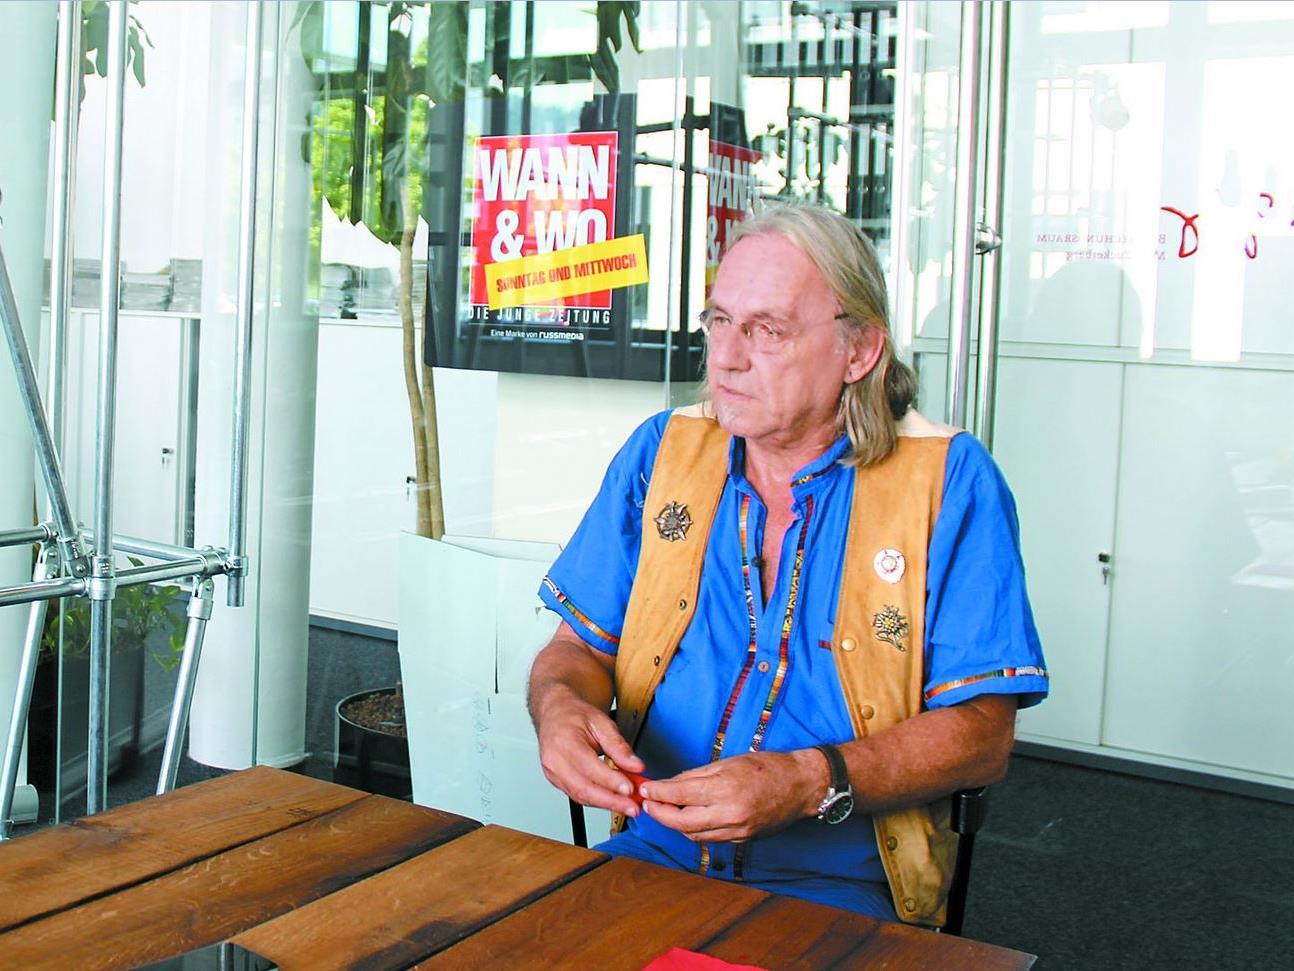 WANN & WO sprach mit Manfred (57). Er war einer der ersten HIV-Infizierten in Vorarlberg.